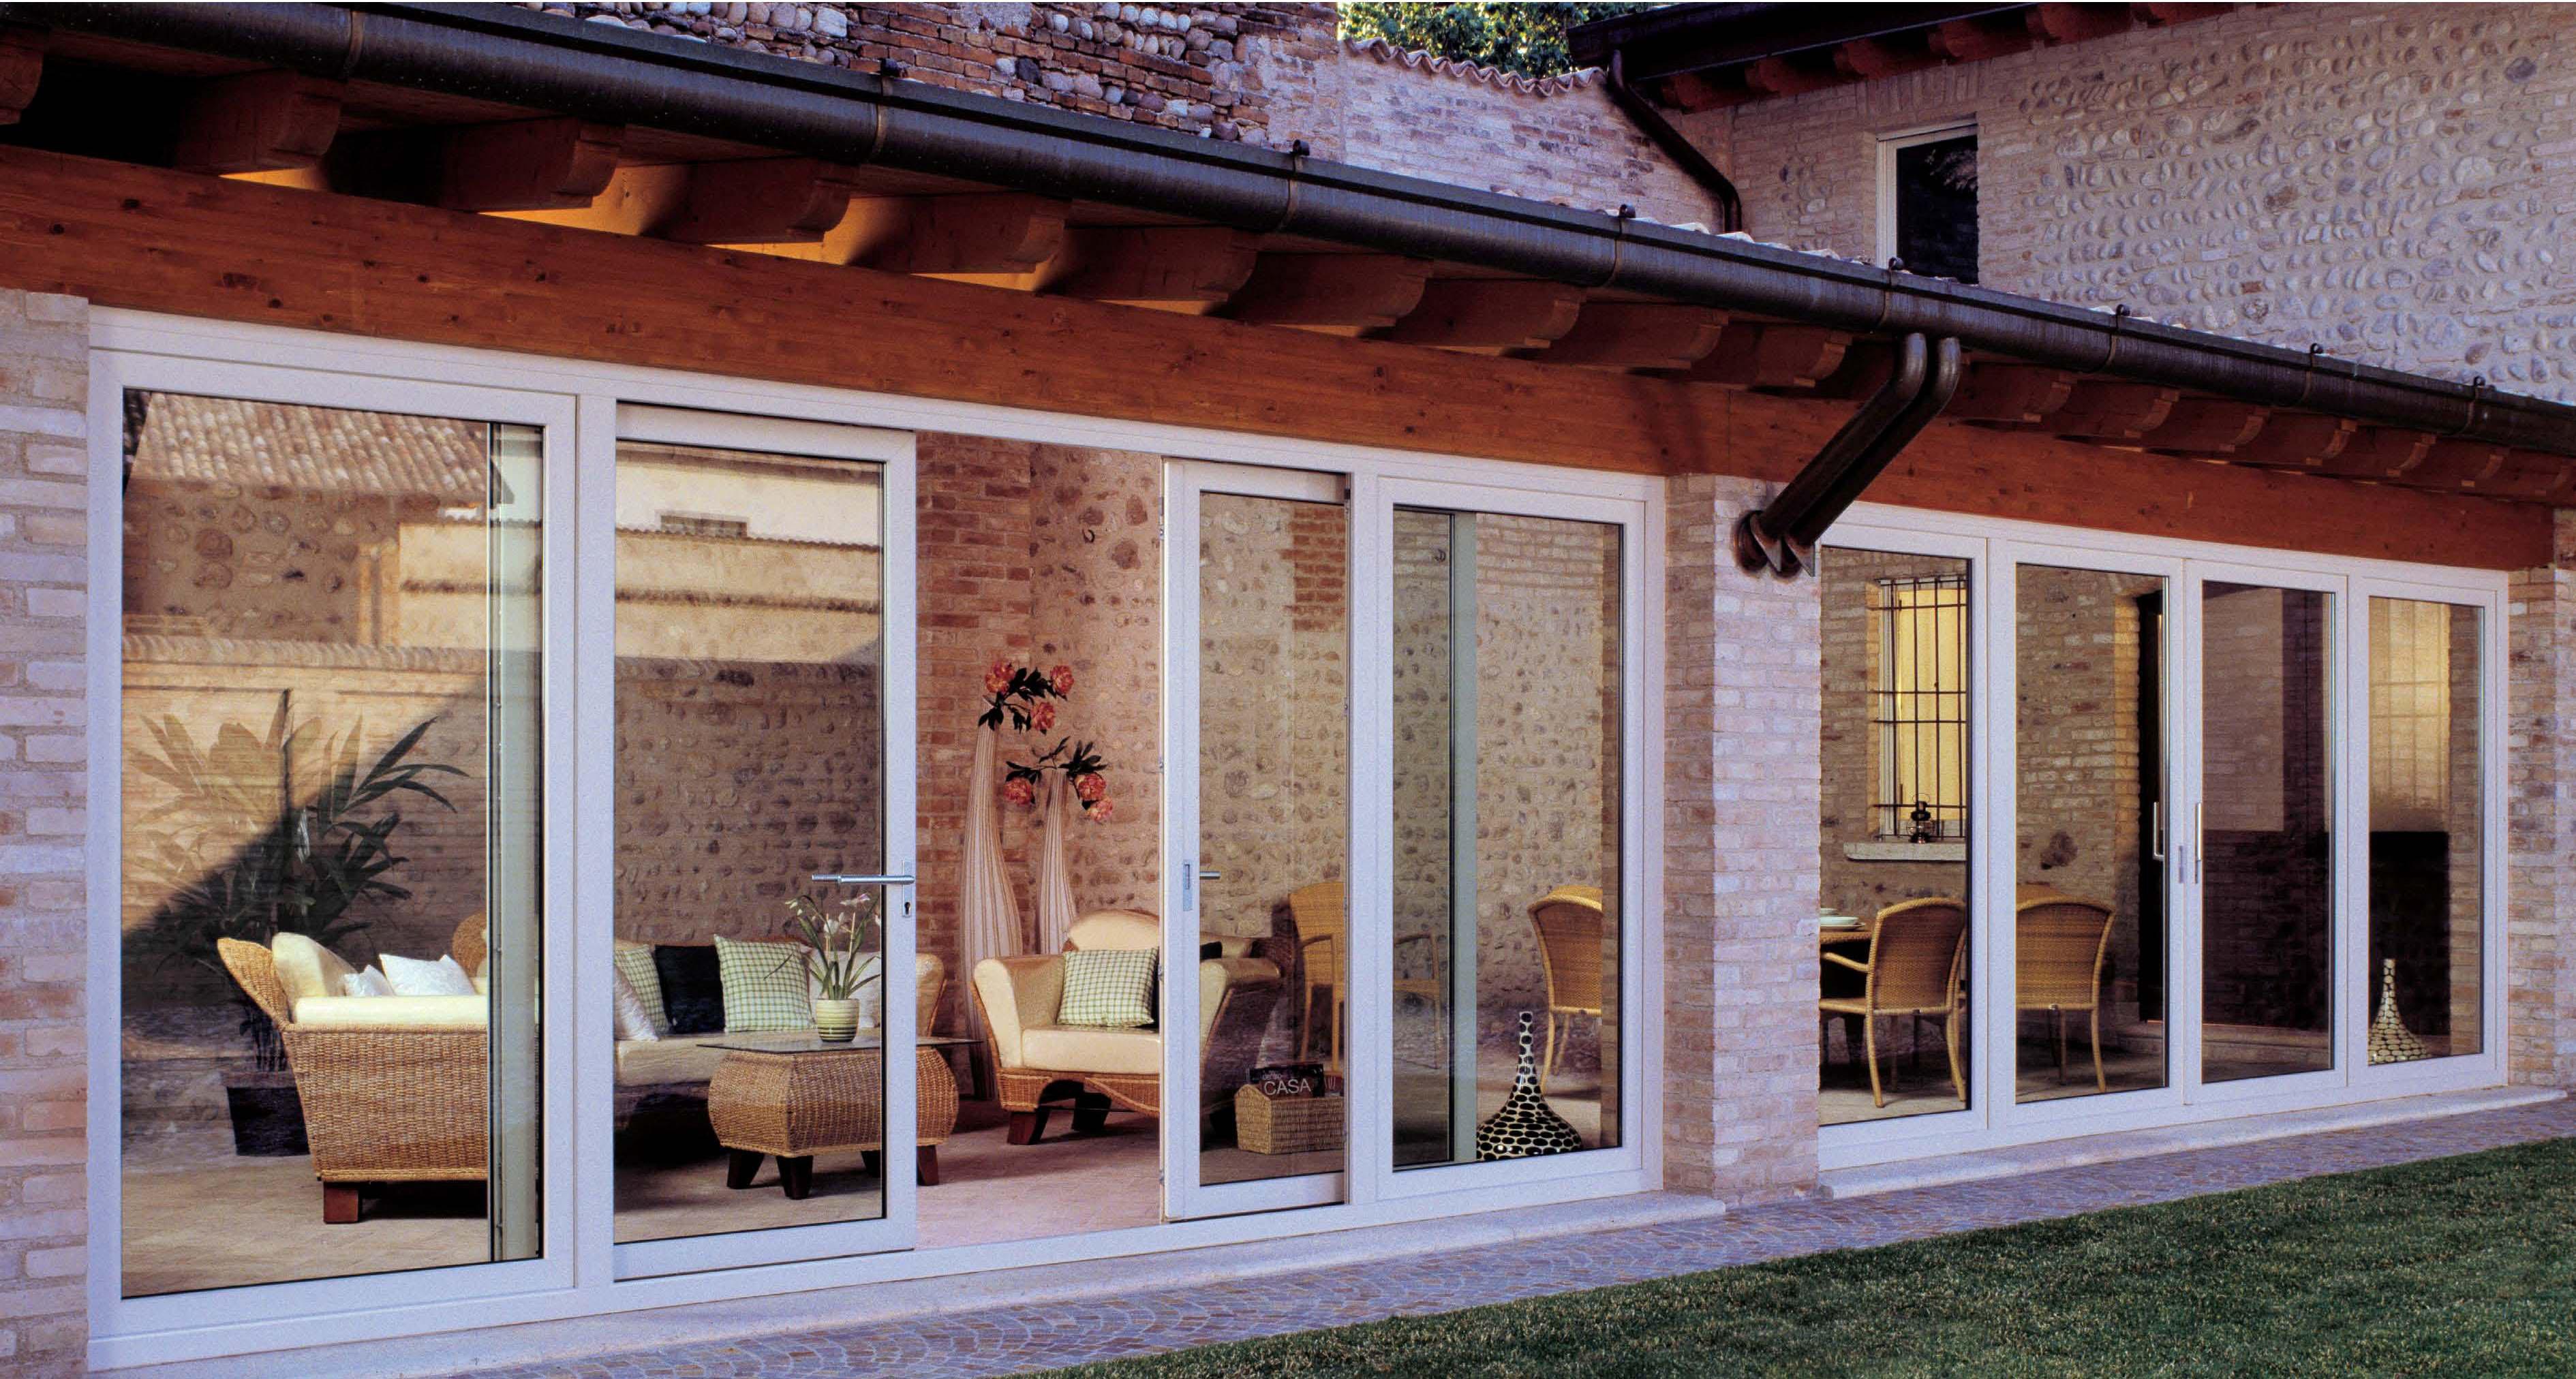 Finestre tapparelle zanzariere san severo foggia puglia - Persiane per finestre scorrevoli ...